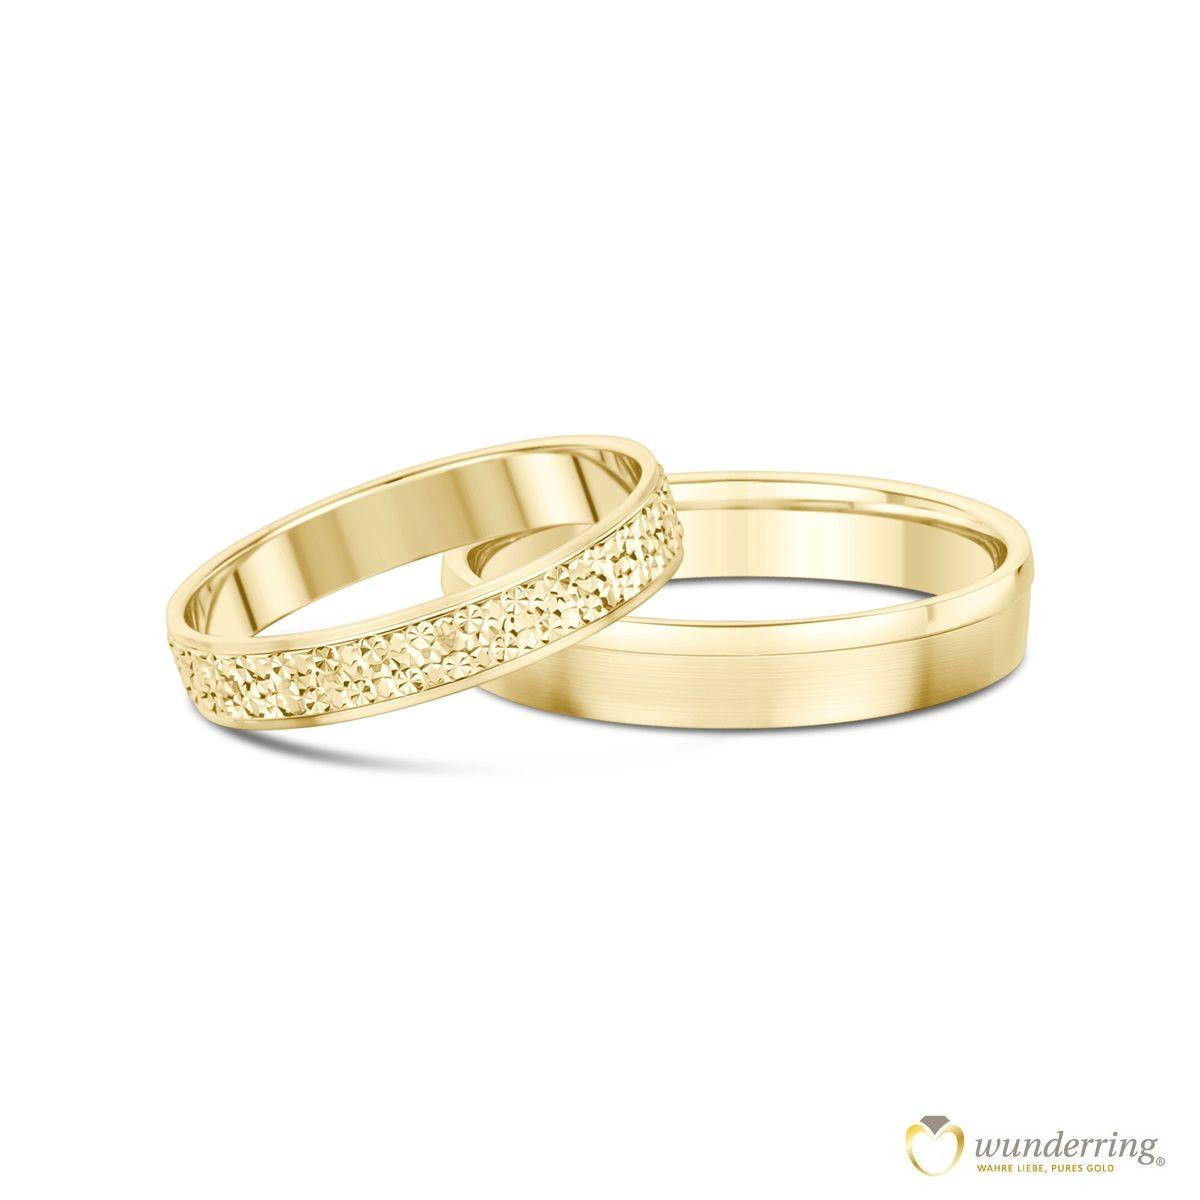 Eheringe Munia In 750er 18 K Gold Gelbgold Der Damenring Glitzert